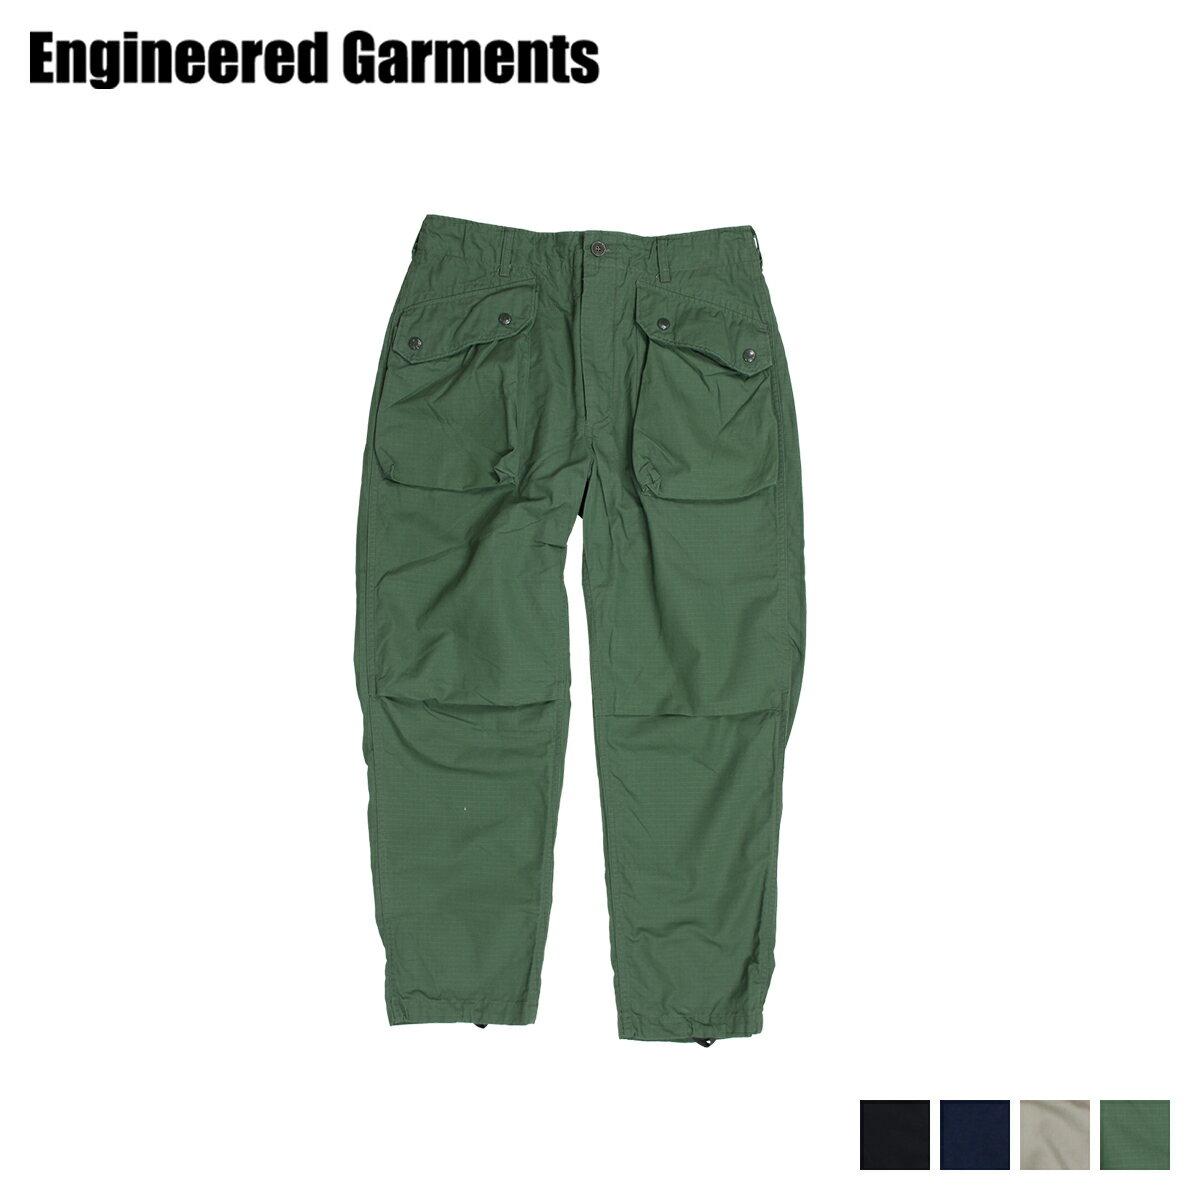 ENGINEERED GARMENTS エンジニアドガーメンツ パンツ カーゴパンツ メンズ NORWEGIAN PANT ブラック 黒 カーキ オリーブ 19SF007 [3/28 新入荷]